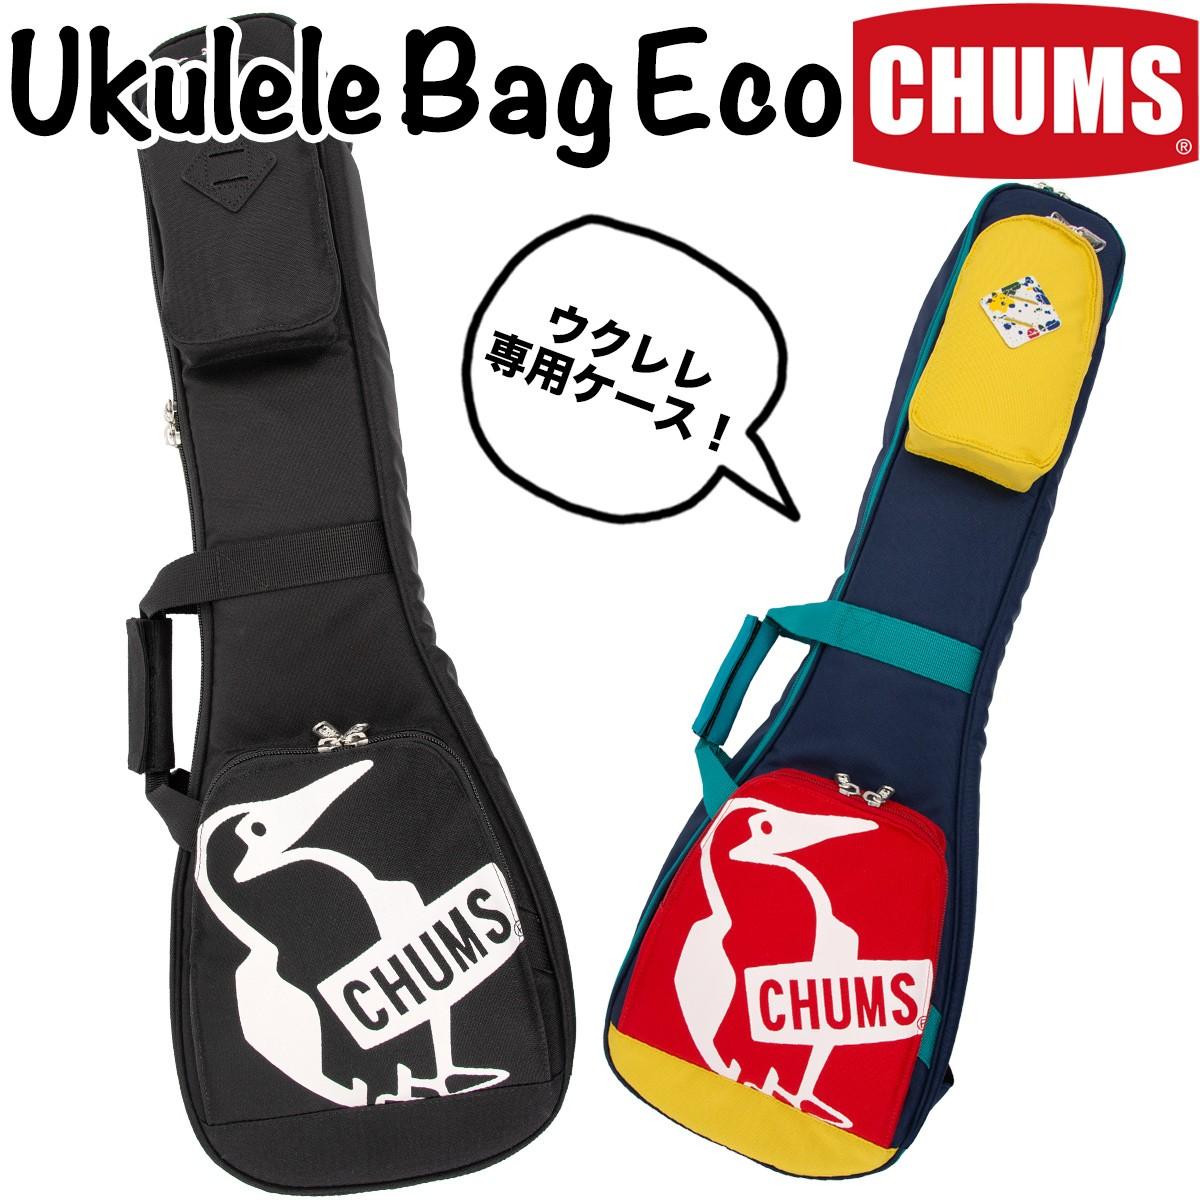 CHUMS Ukulele Shoulder Sweat Eco